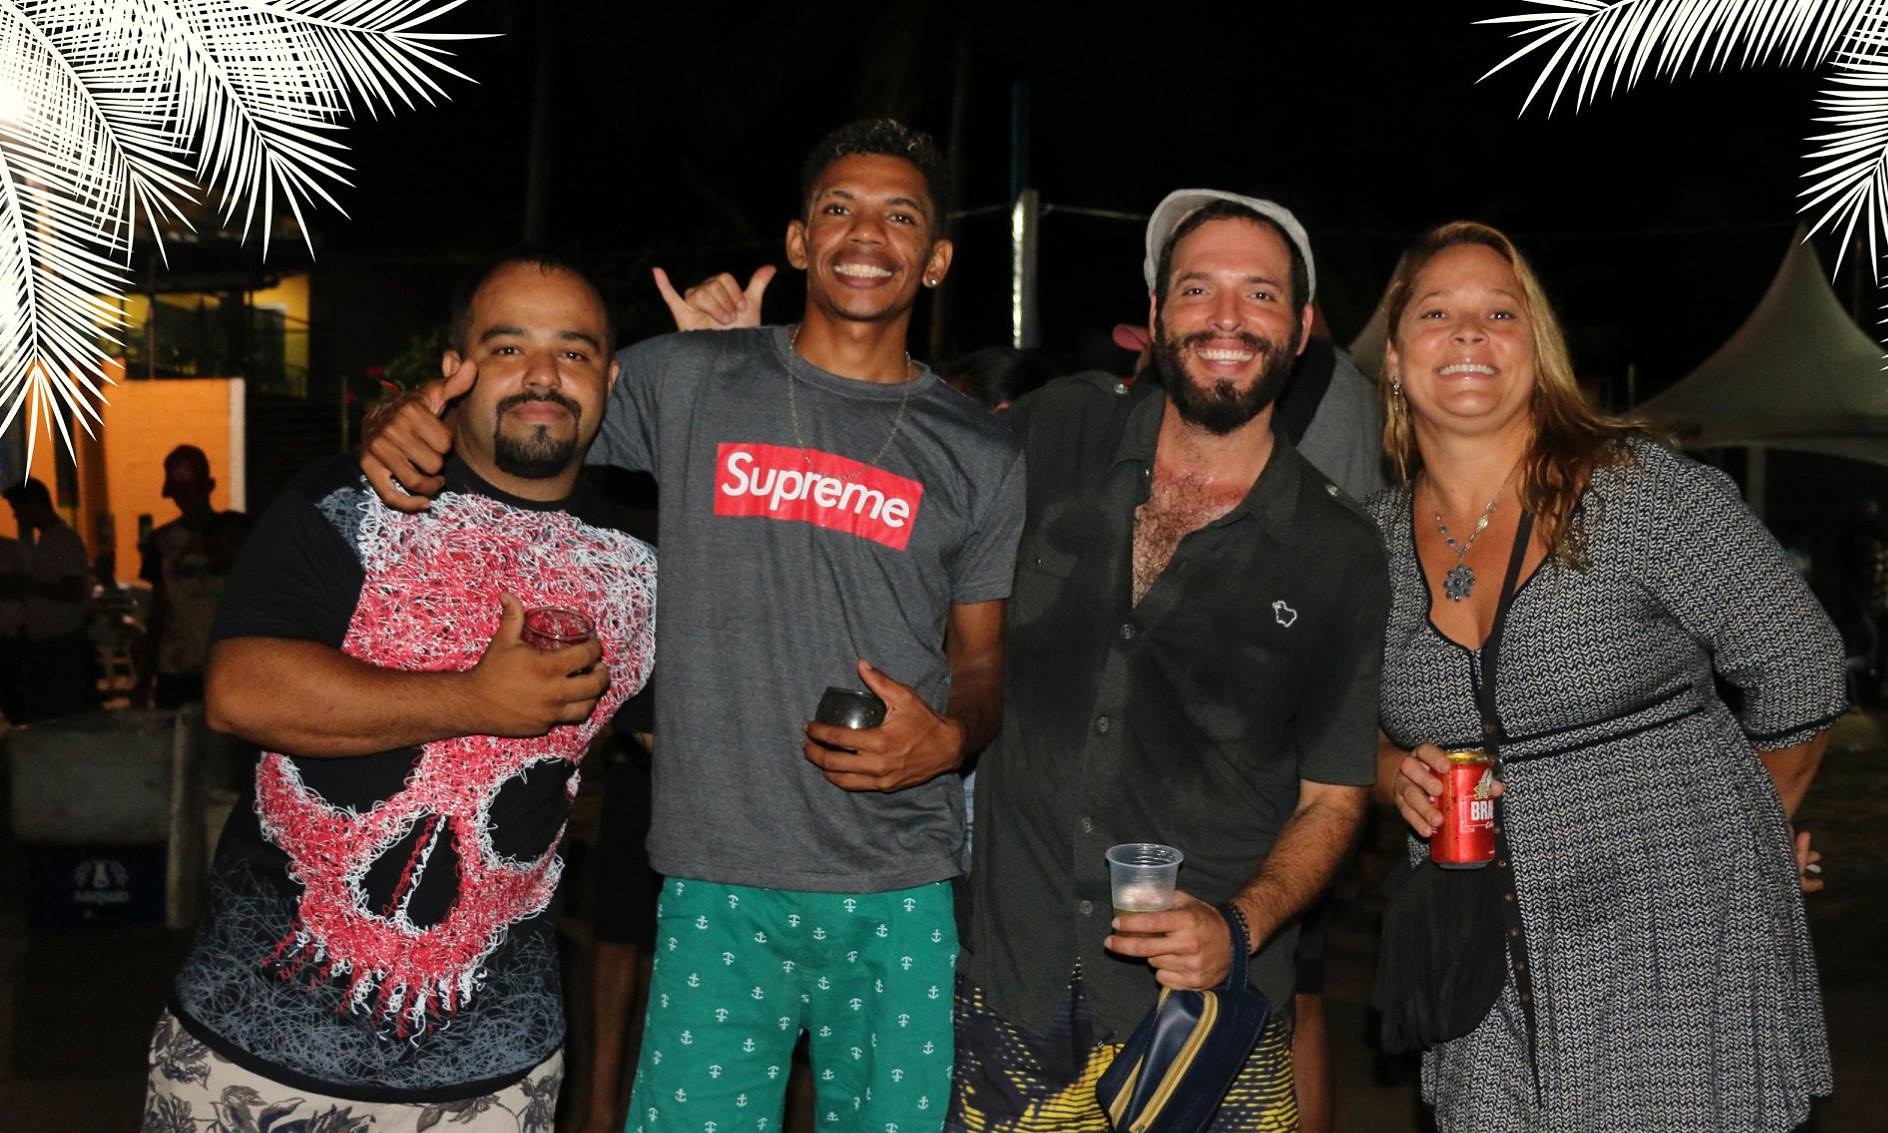 Luau com Ruy Galdino dá início às festas de final de ano em Caravelas (2)